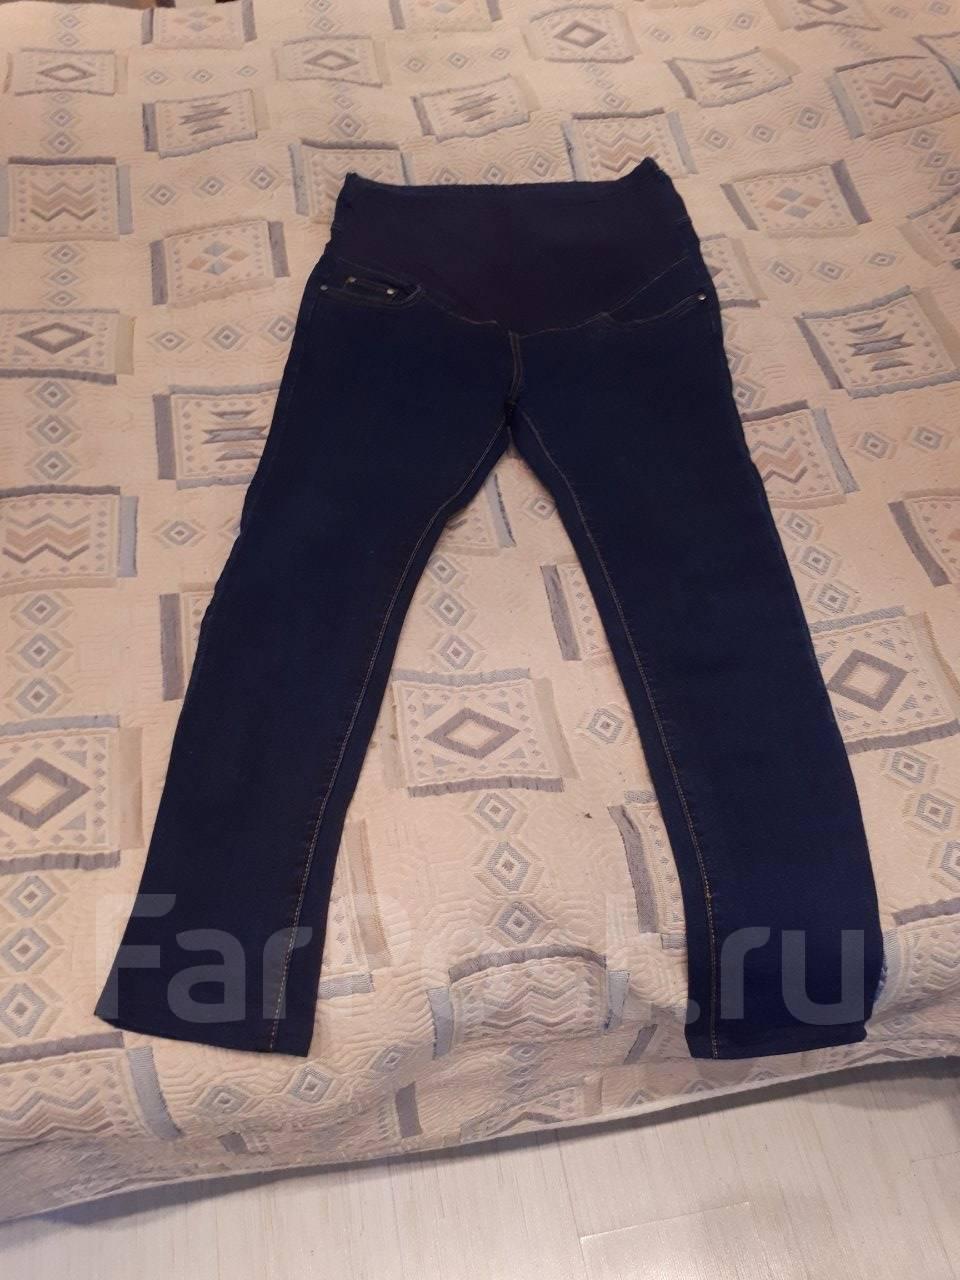 a05d05f47164 Джинсы во Владивостоке - купить одежду для беременных